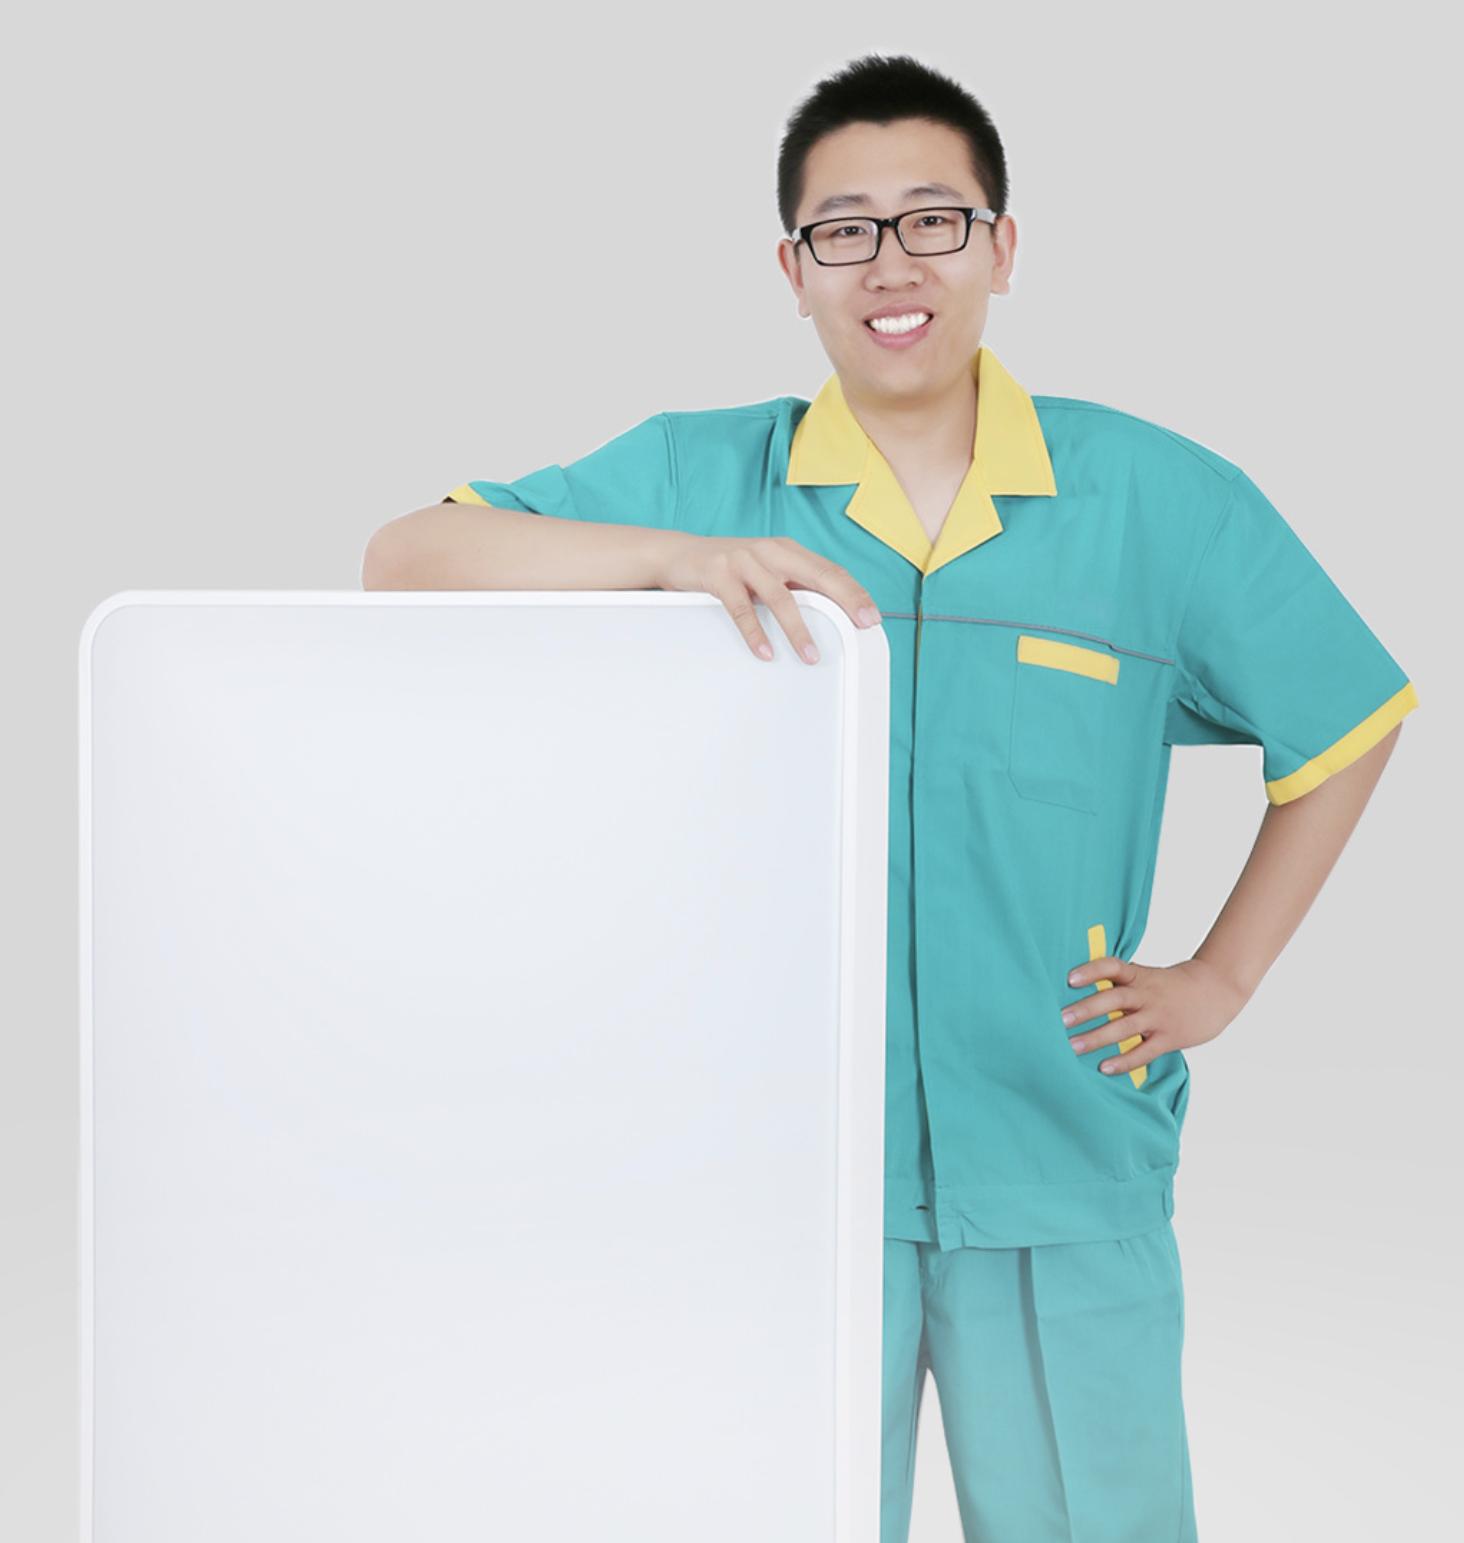 la lámpara de techo Xiaomi más potente